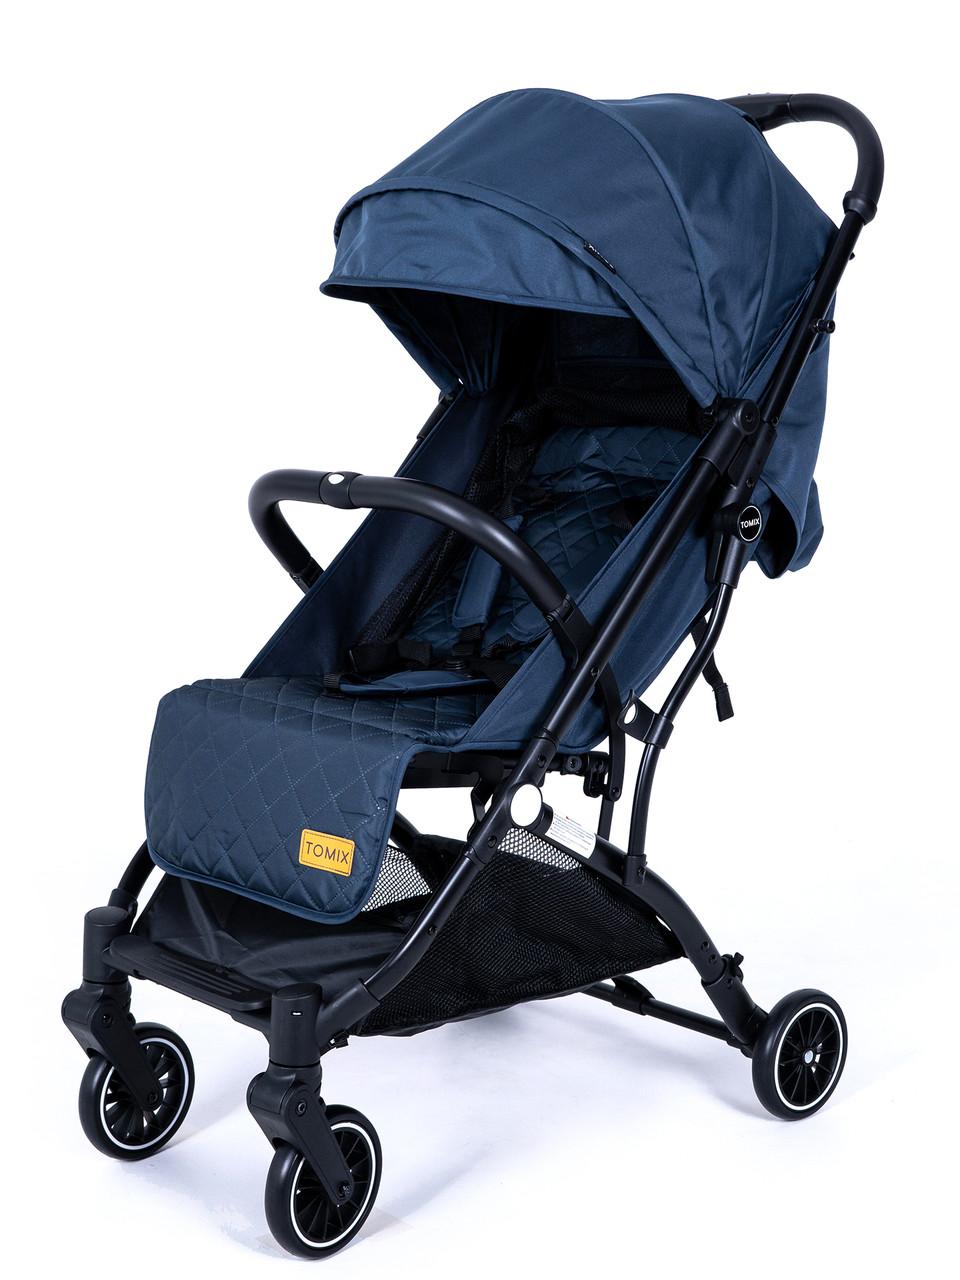 Детская прогулочная Коляска Tomix Luna Цвет синий, трансформируется в чемоданчик